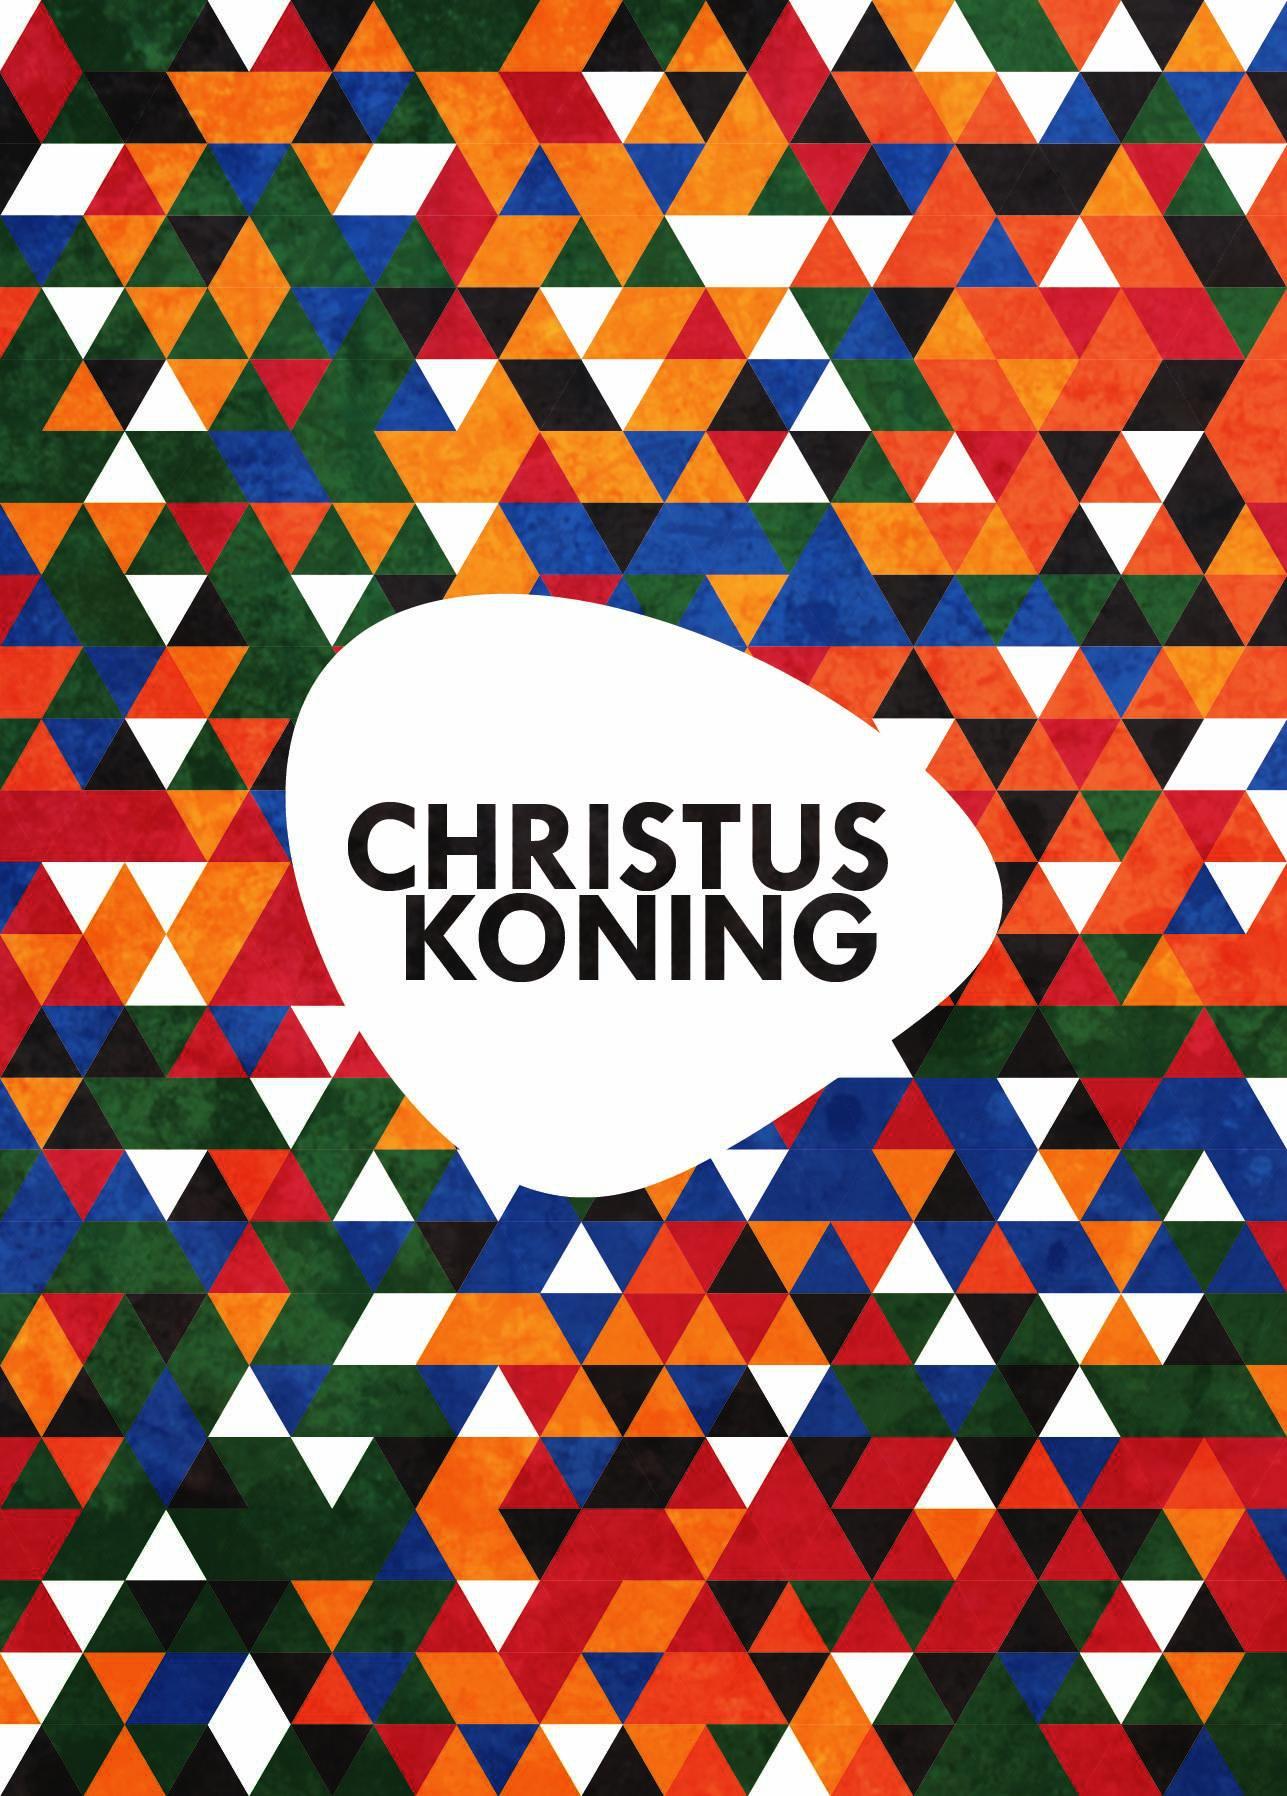 christus koning afbeelding